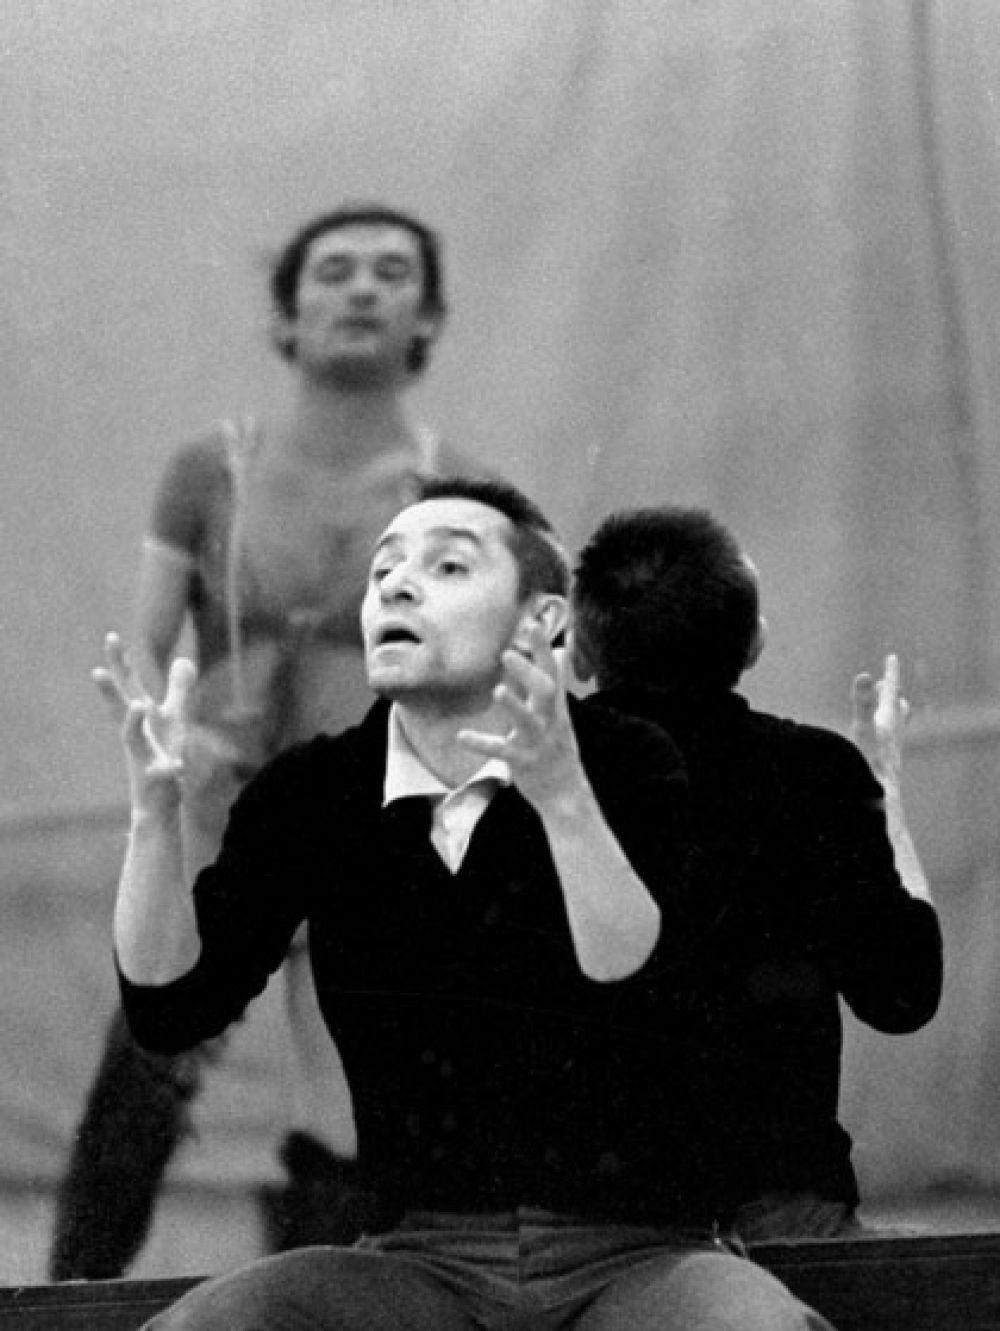 Народный артист СССР, главный балетмейстер Большого театра Союза ССР Юрий Григорович на репетиции. 1977 г.